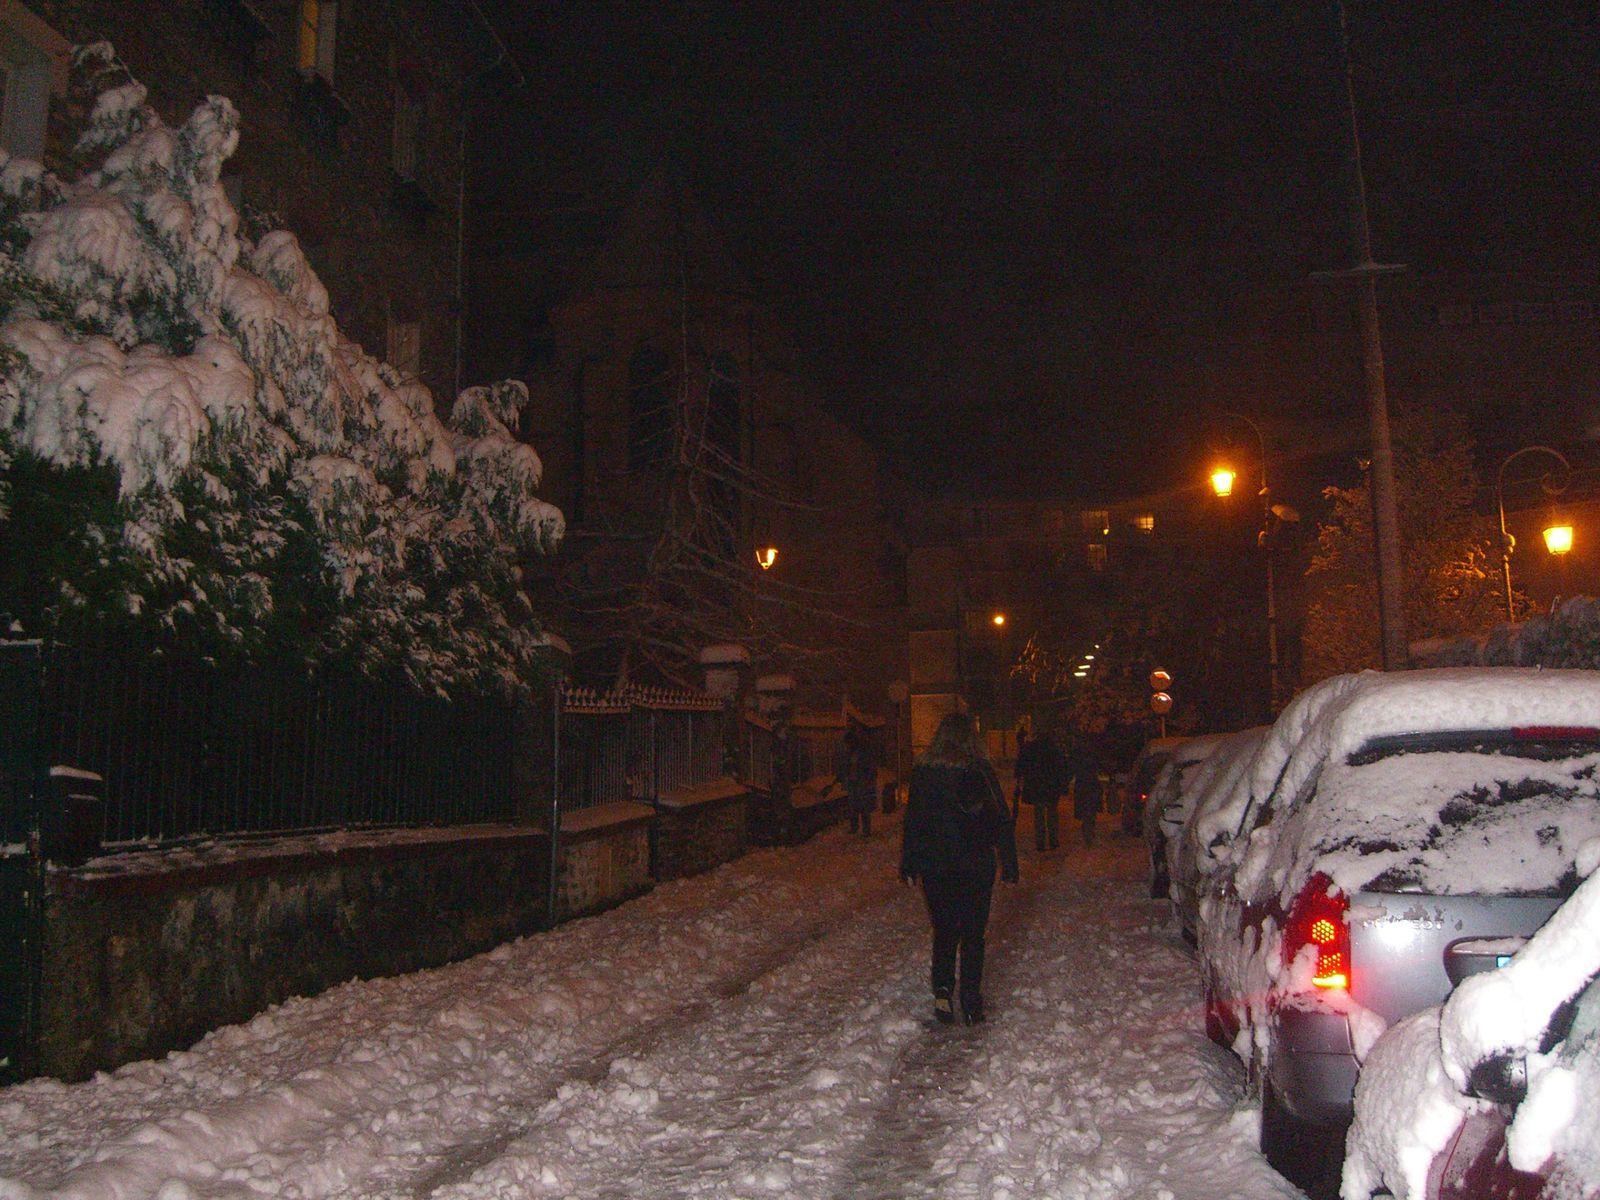 Rue de Baudreuil, tout est calme, on n'entend que le craquement des pas dans la neige